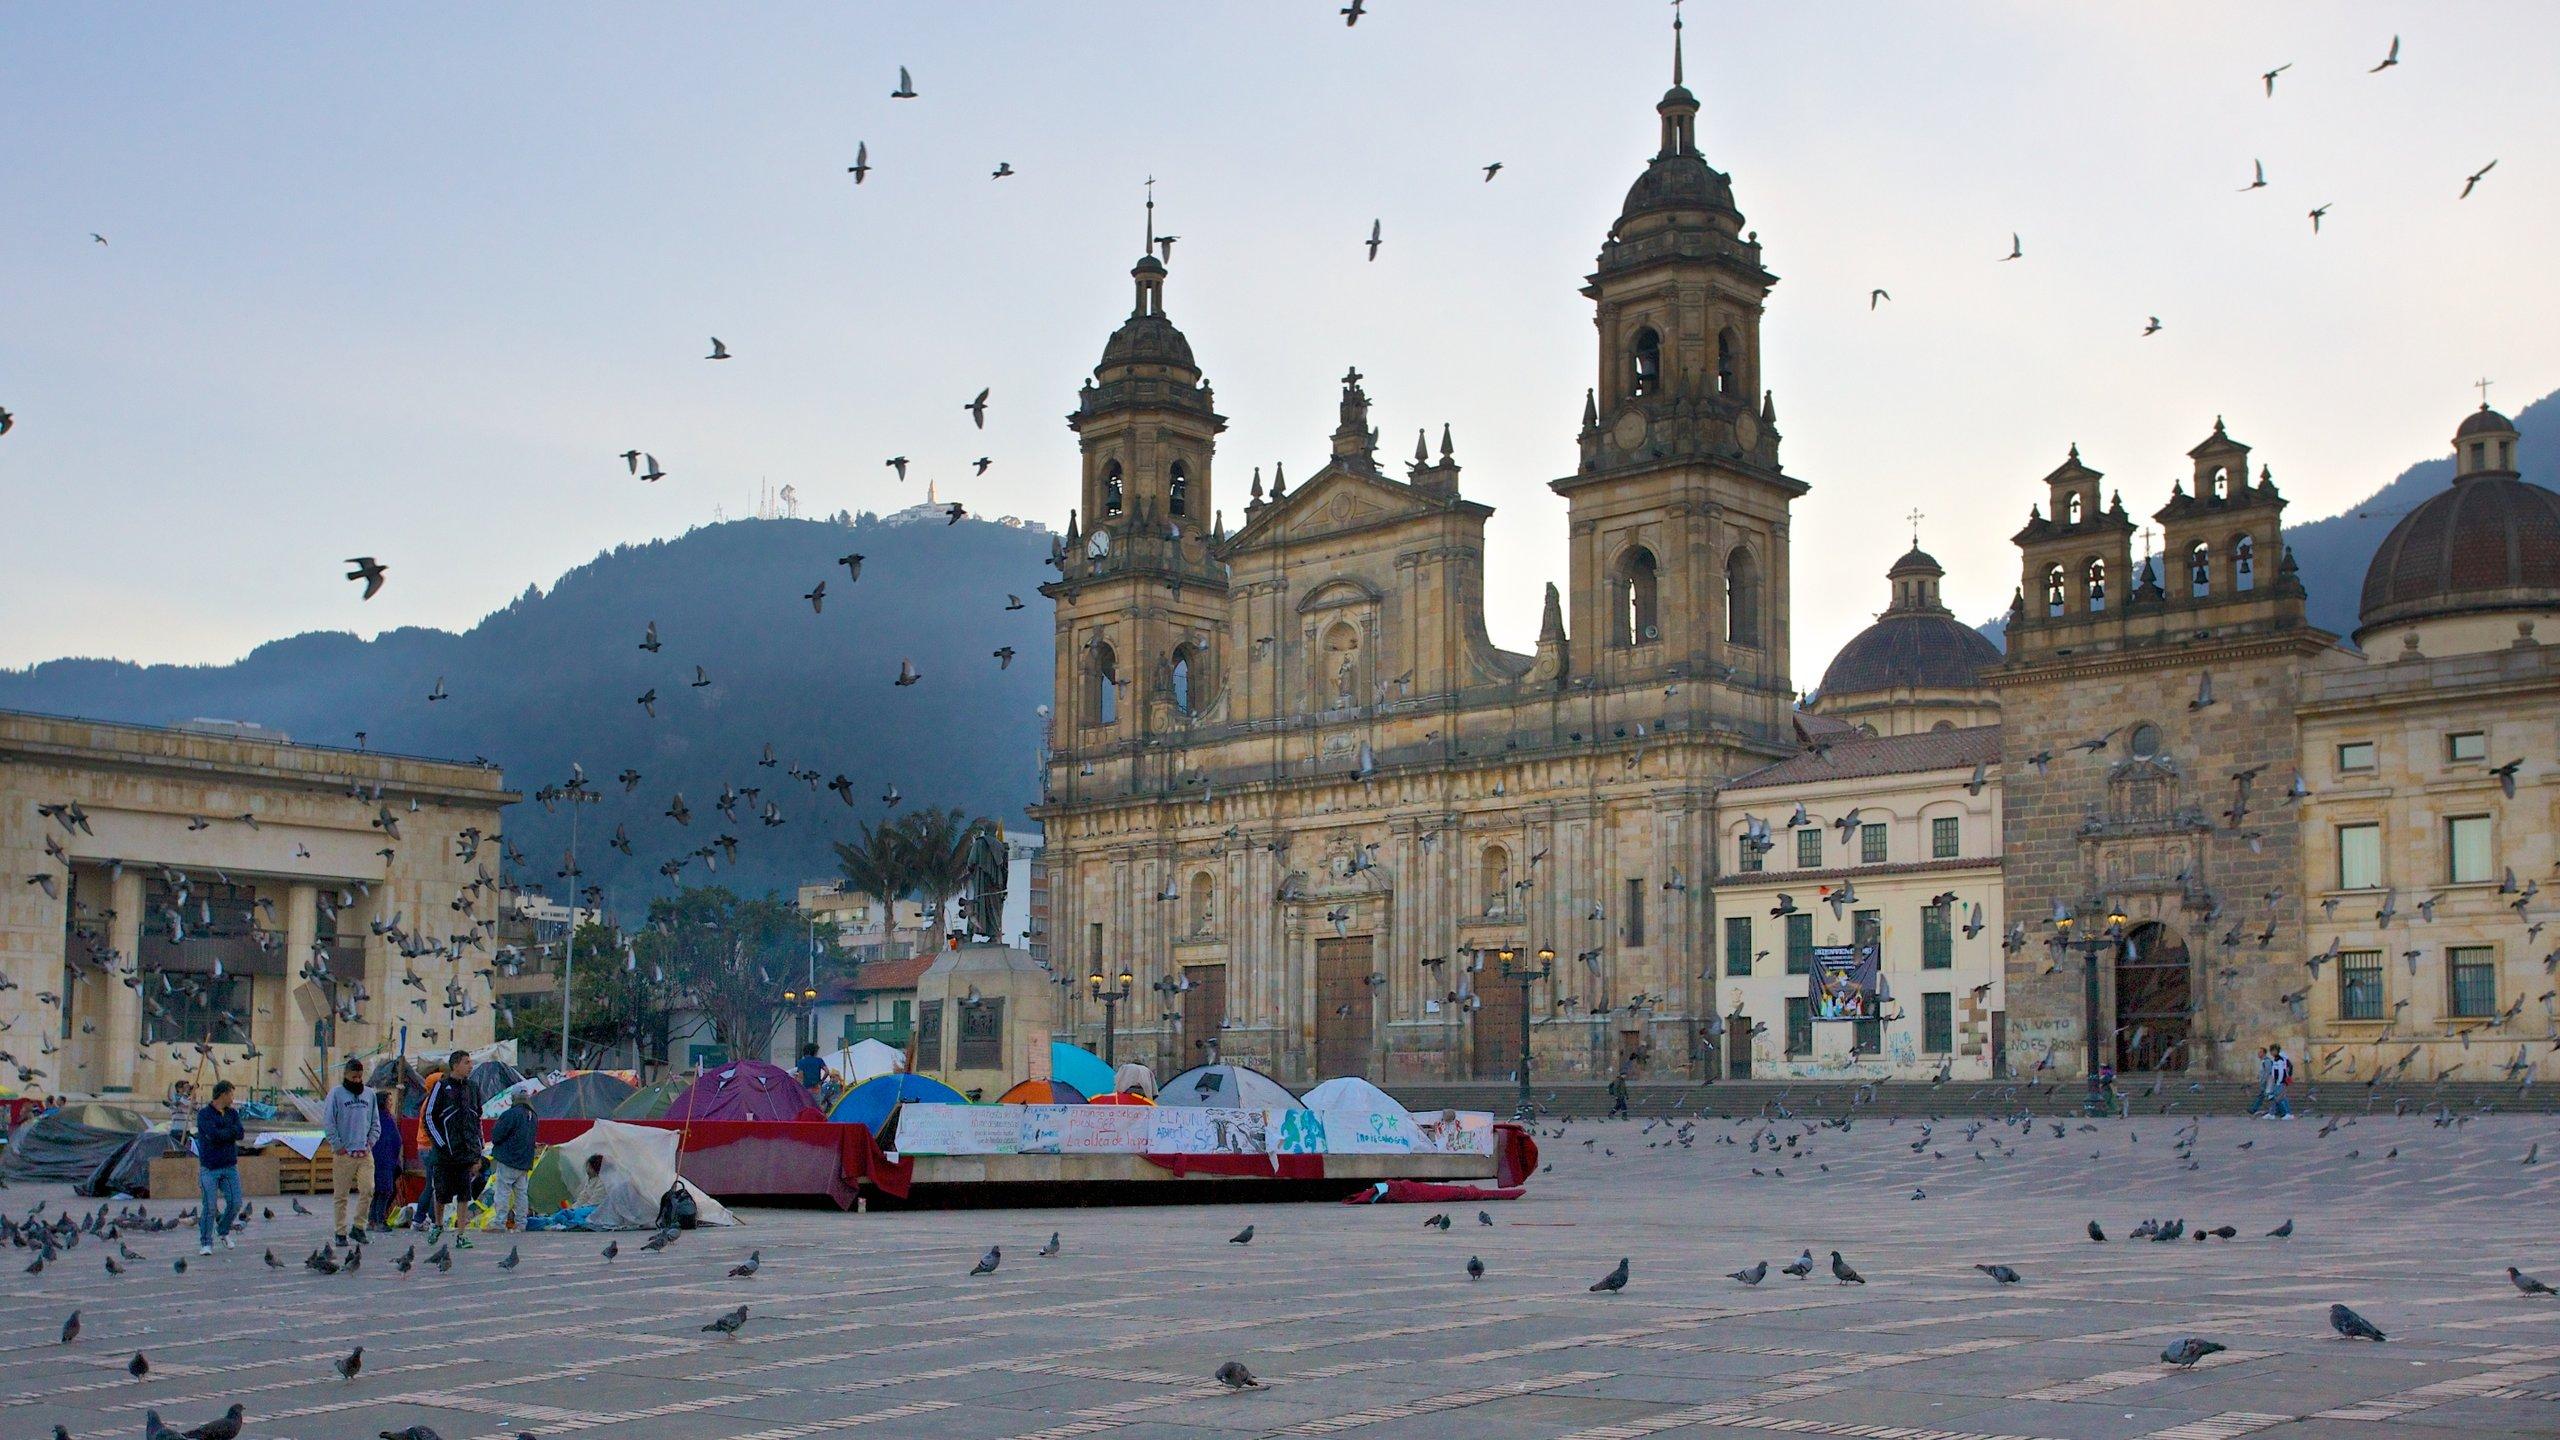 La Candelaria, Bogotá, Distrito Capital, Colombia